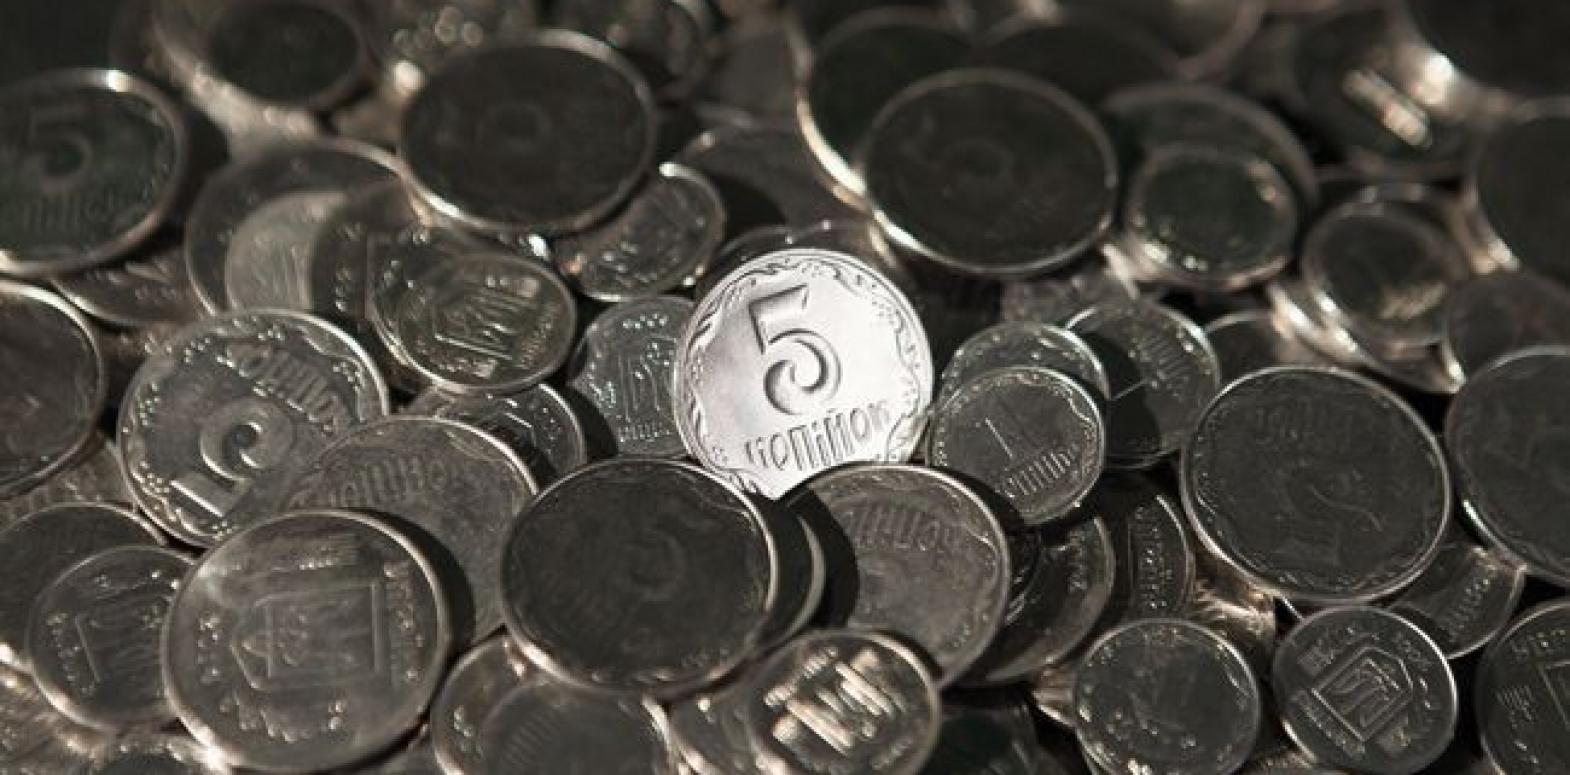 НБУ назвал цель изъятия из оборота мелких монет